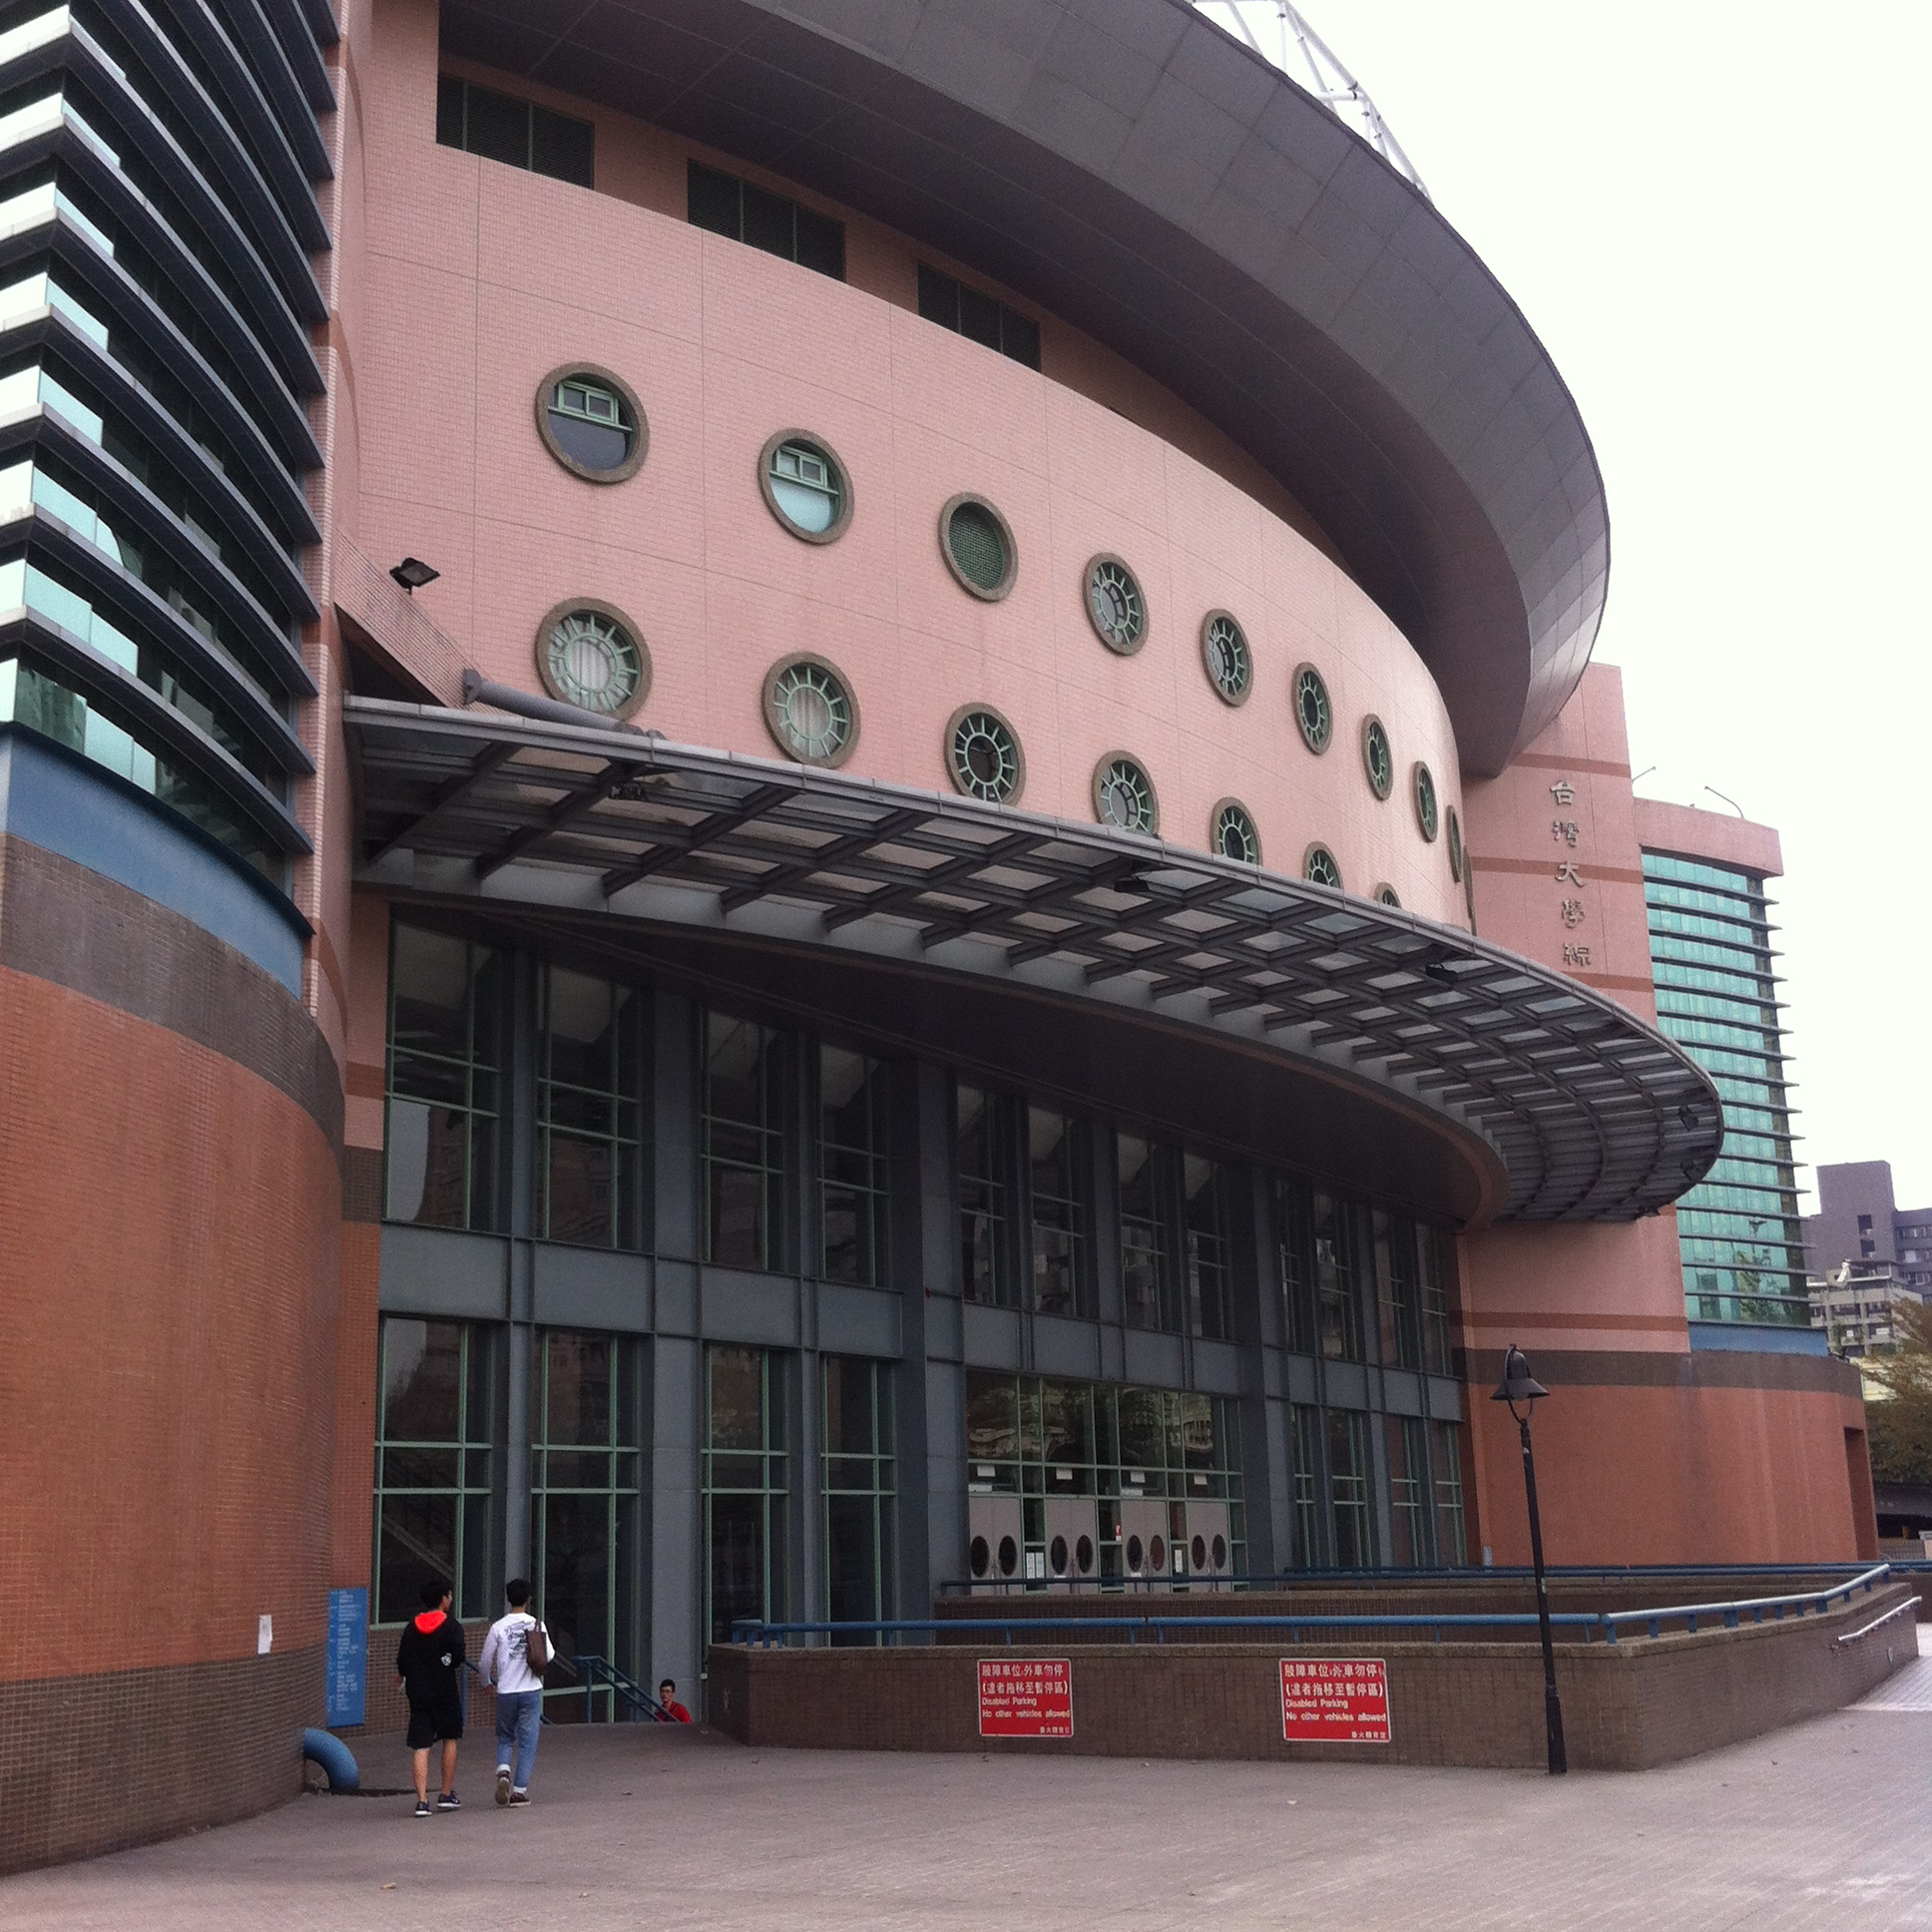 【アクセス】台湾大学体育館への行き方